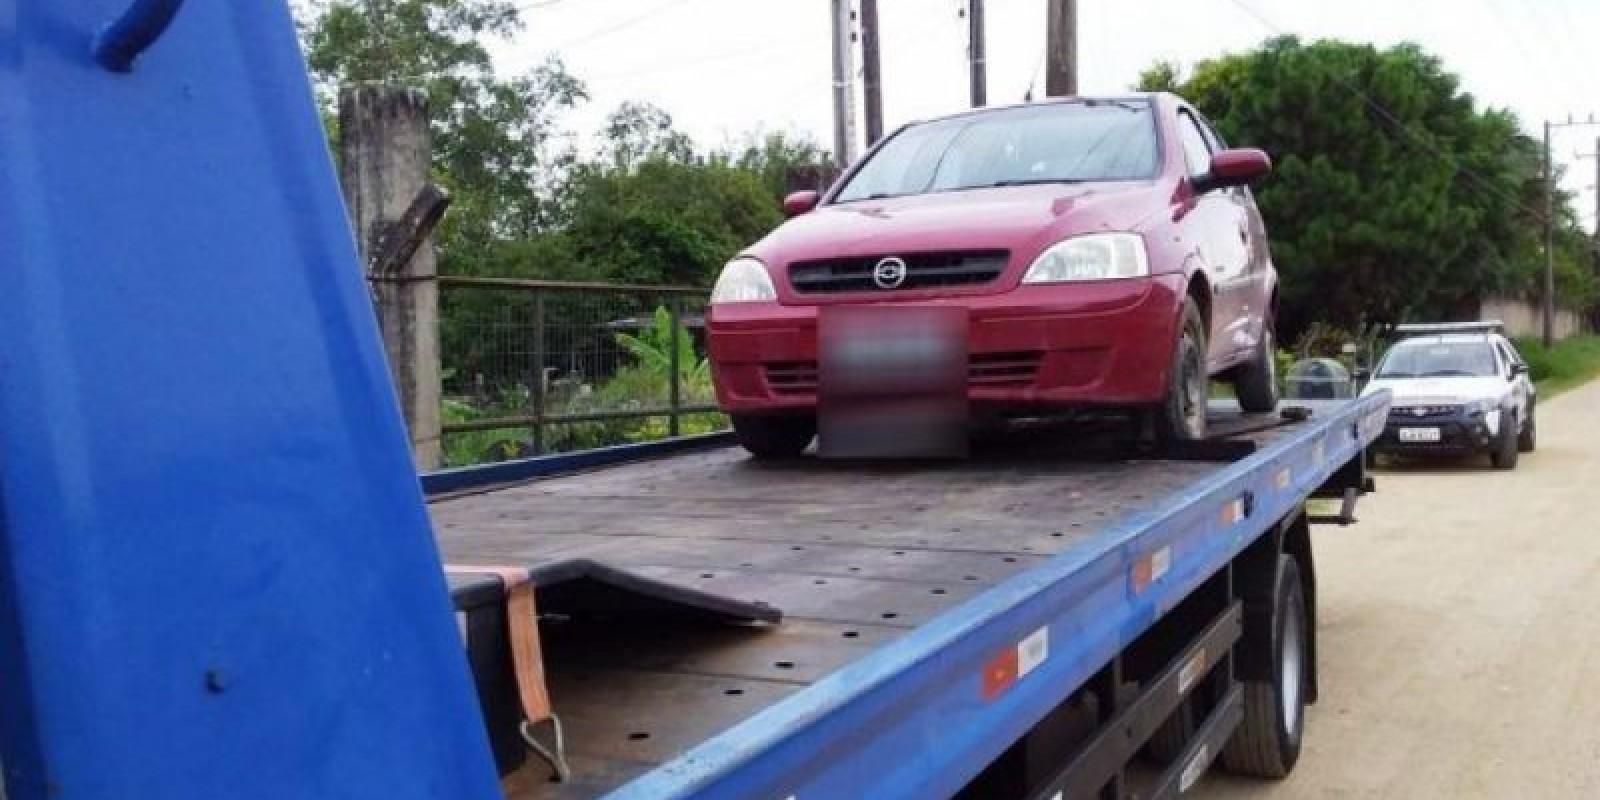 Pescadores têm carro roubado em assalto